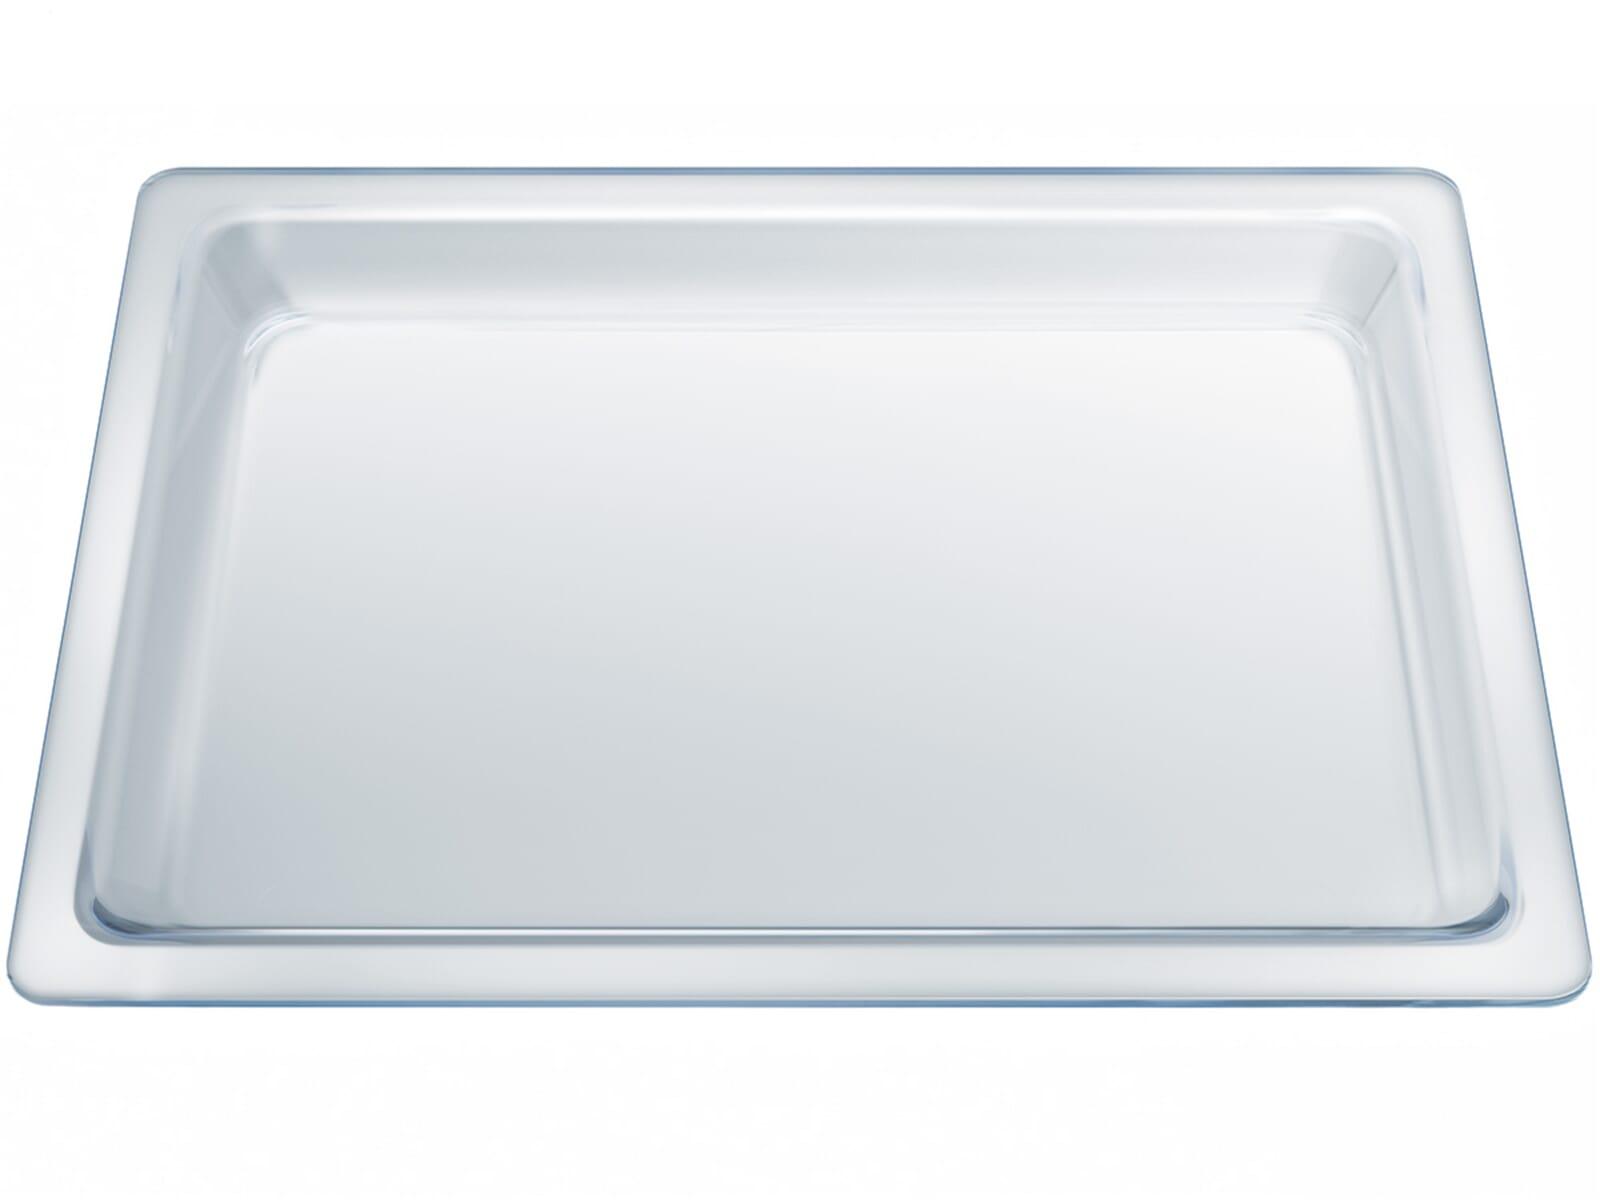 Siemens HZ636000 Glaspfanne